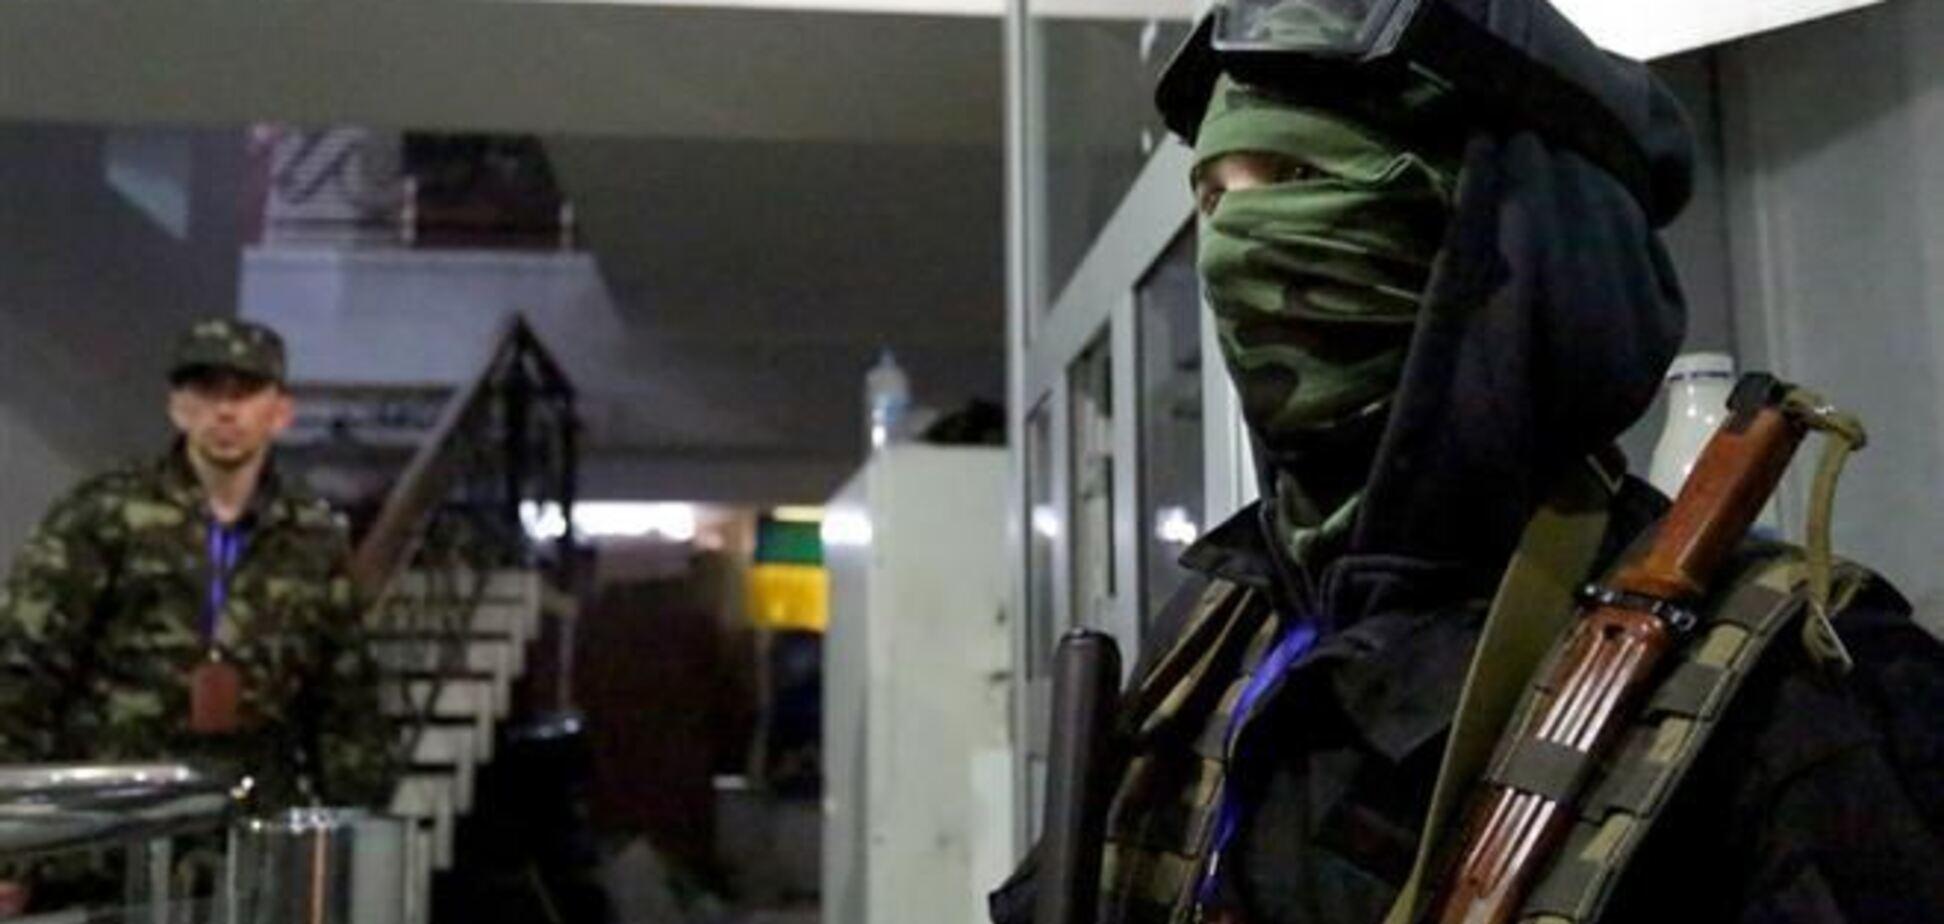 Аваков призвал жителей Краматорска и Славянска сидеть дома: готовится новая провокация